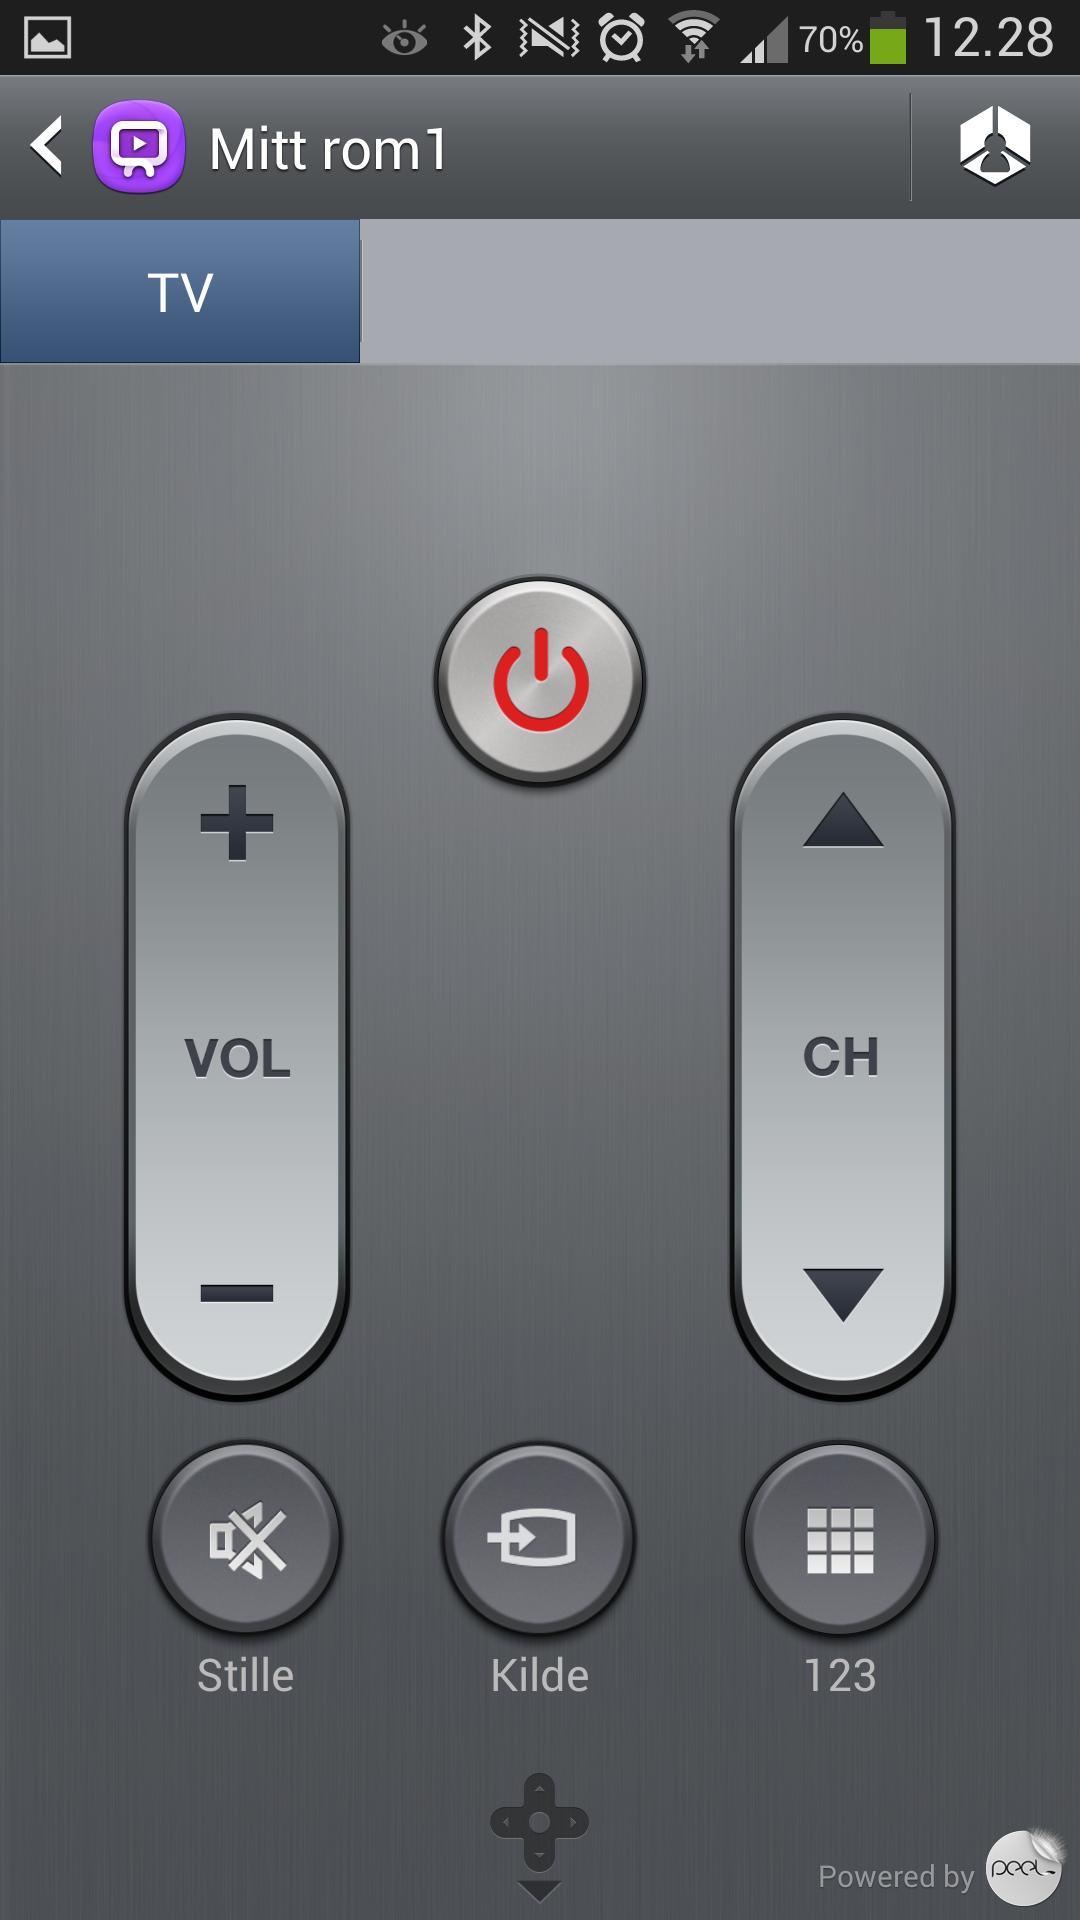 Det er mulig å fjernstyre TV-en med det infrarøde øyet på toppen av telefonen.Foto: Finn Jarle Kvalheim, Amobil.no